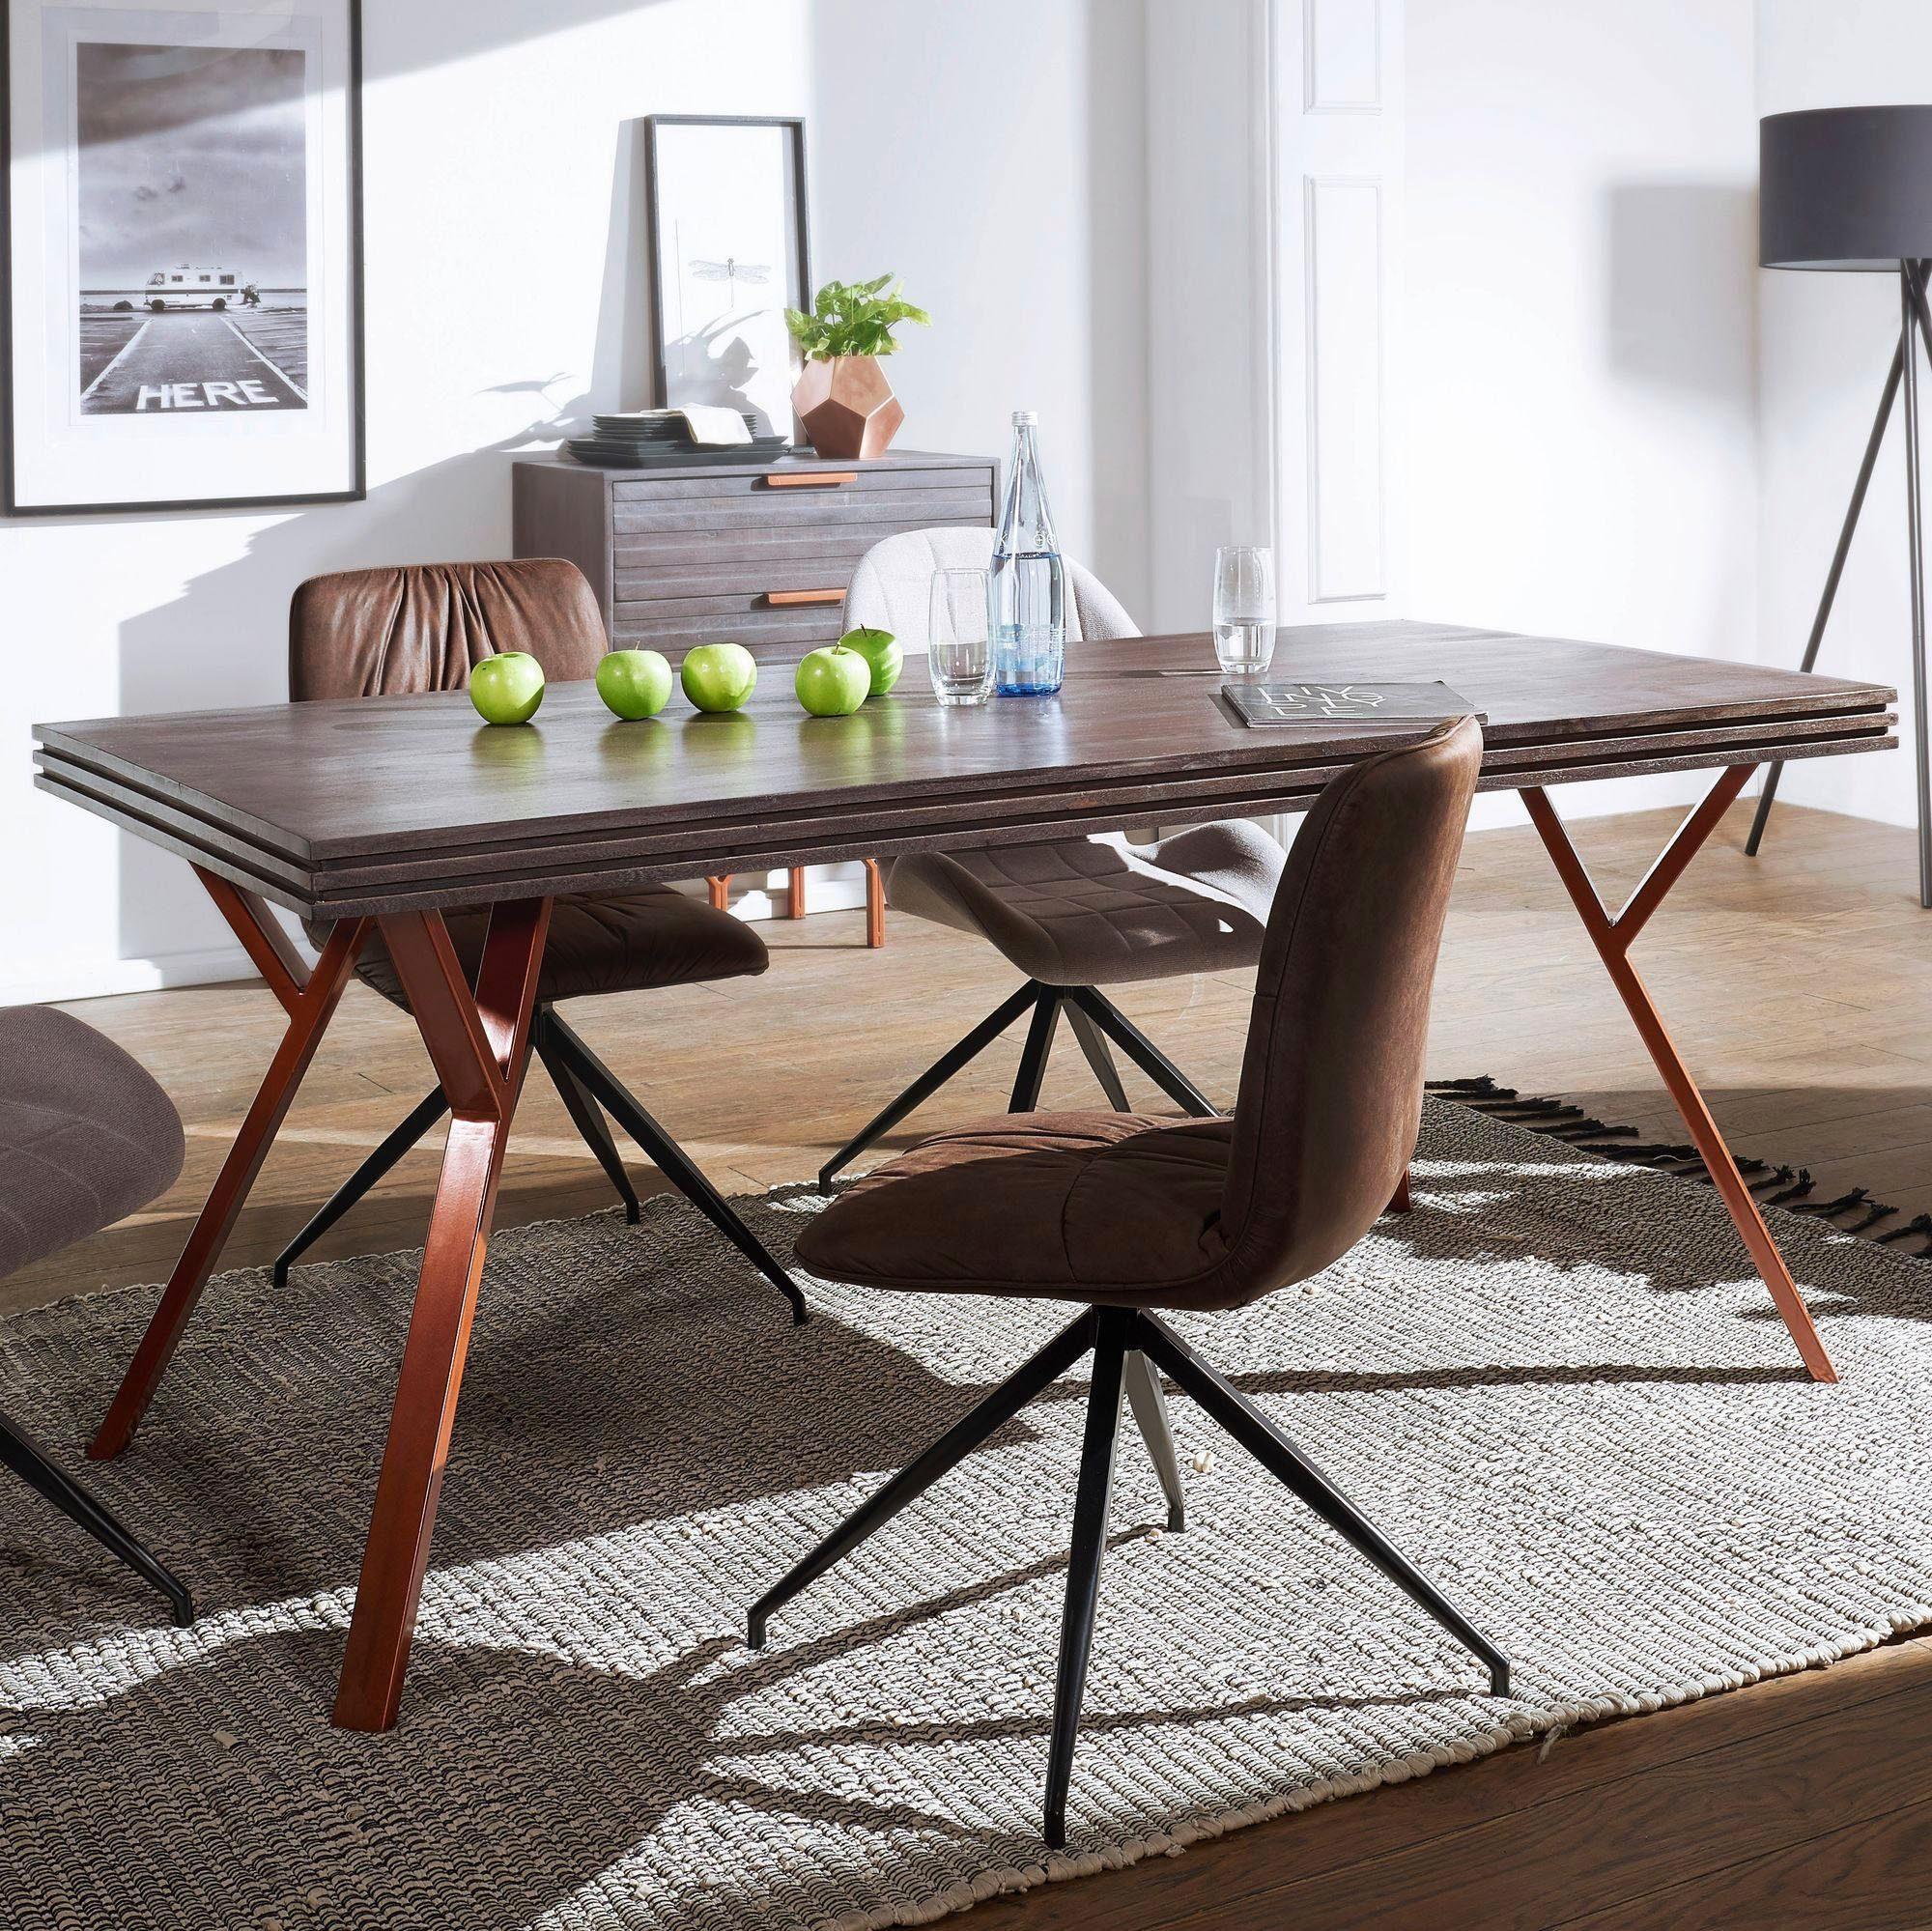 200 »dewas«Im Affaire DesignBreite Online KaufenOtto Esstisch Cm Industrial Home Y7vbyf6g